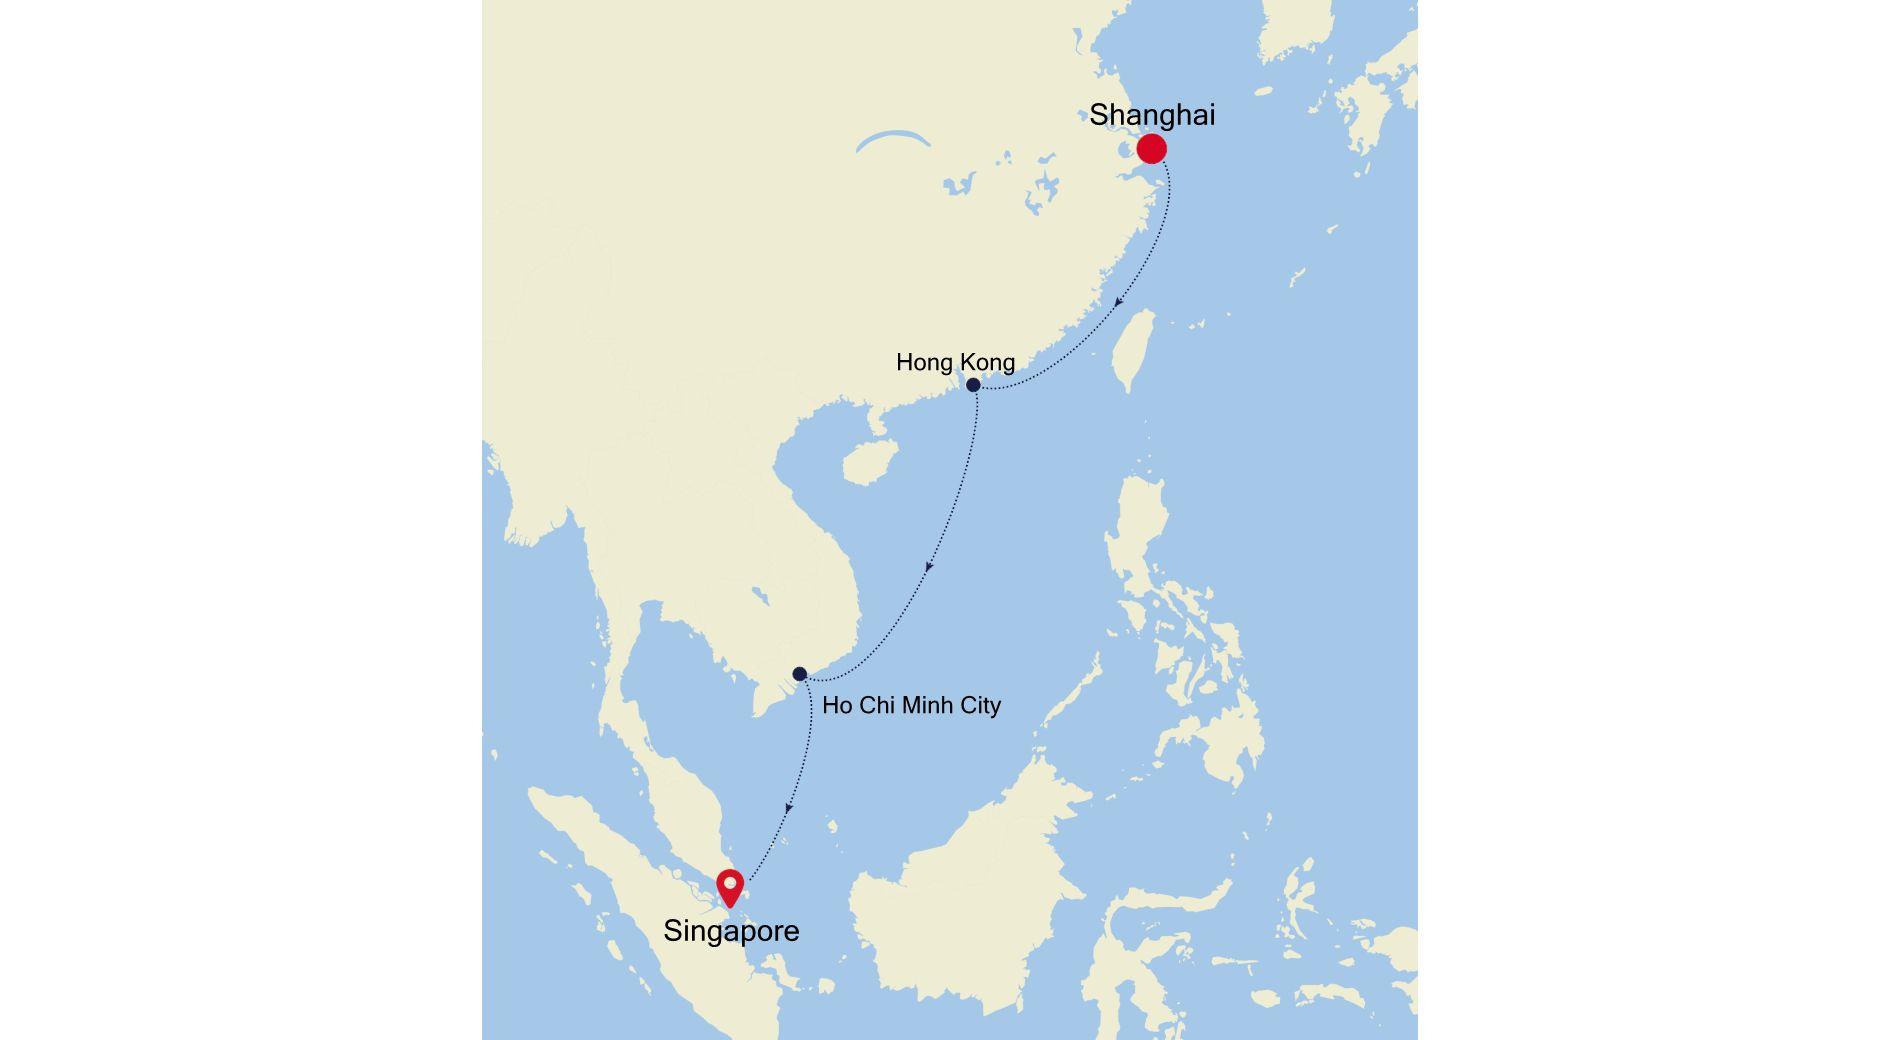 4905B - Shanghai nach Singapore